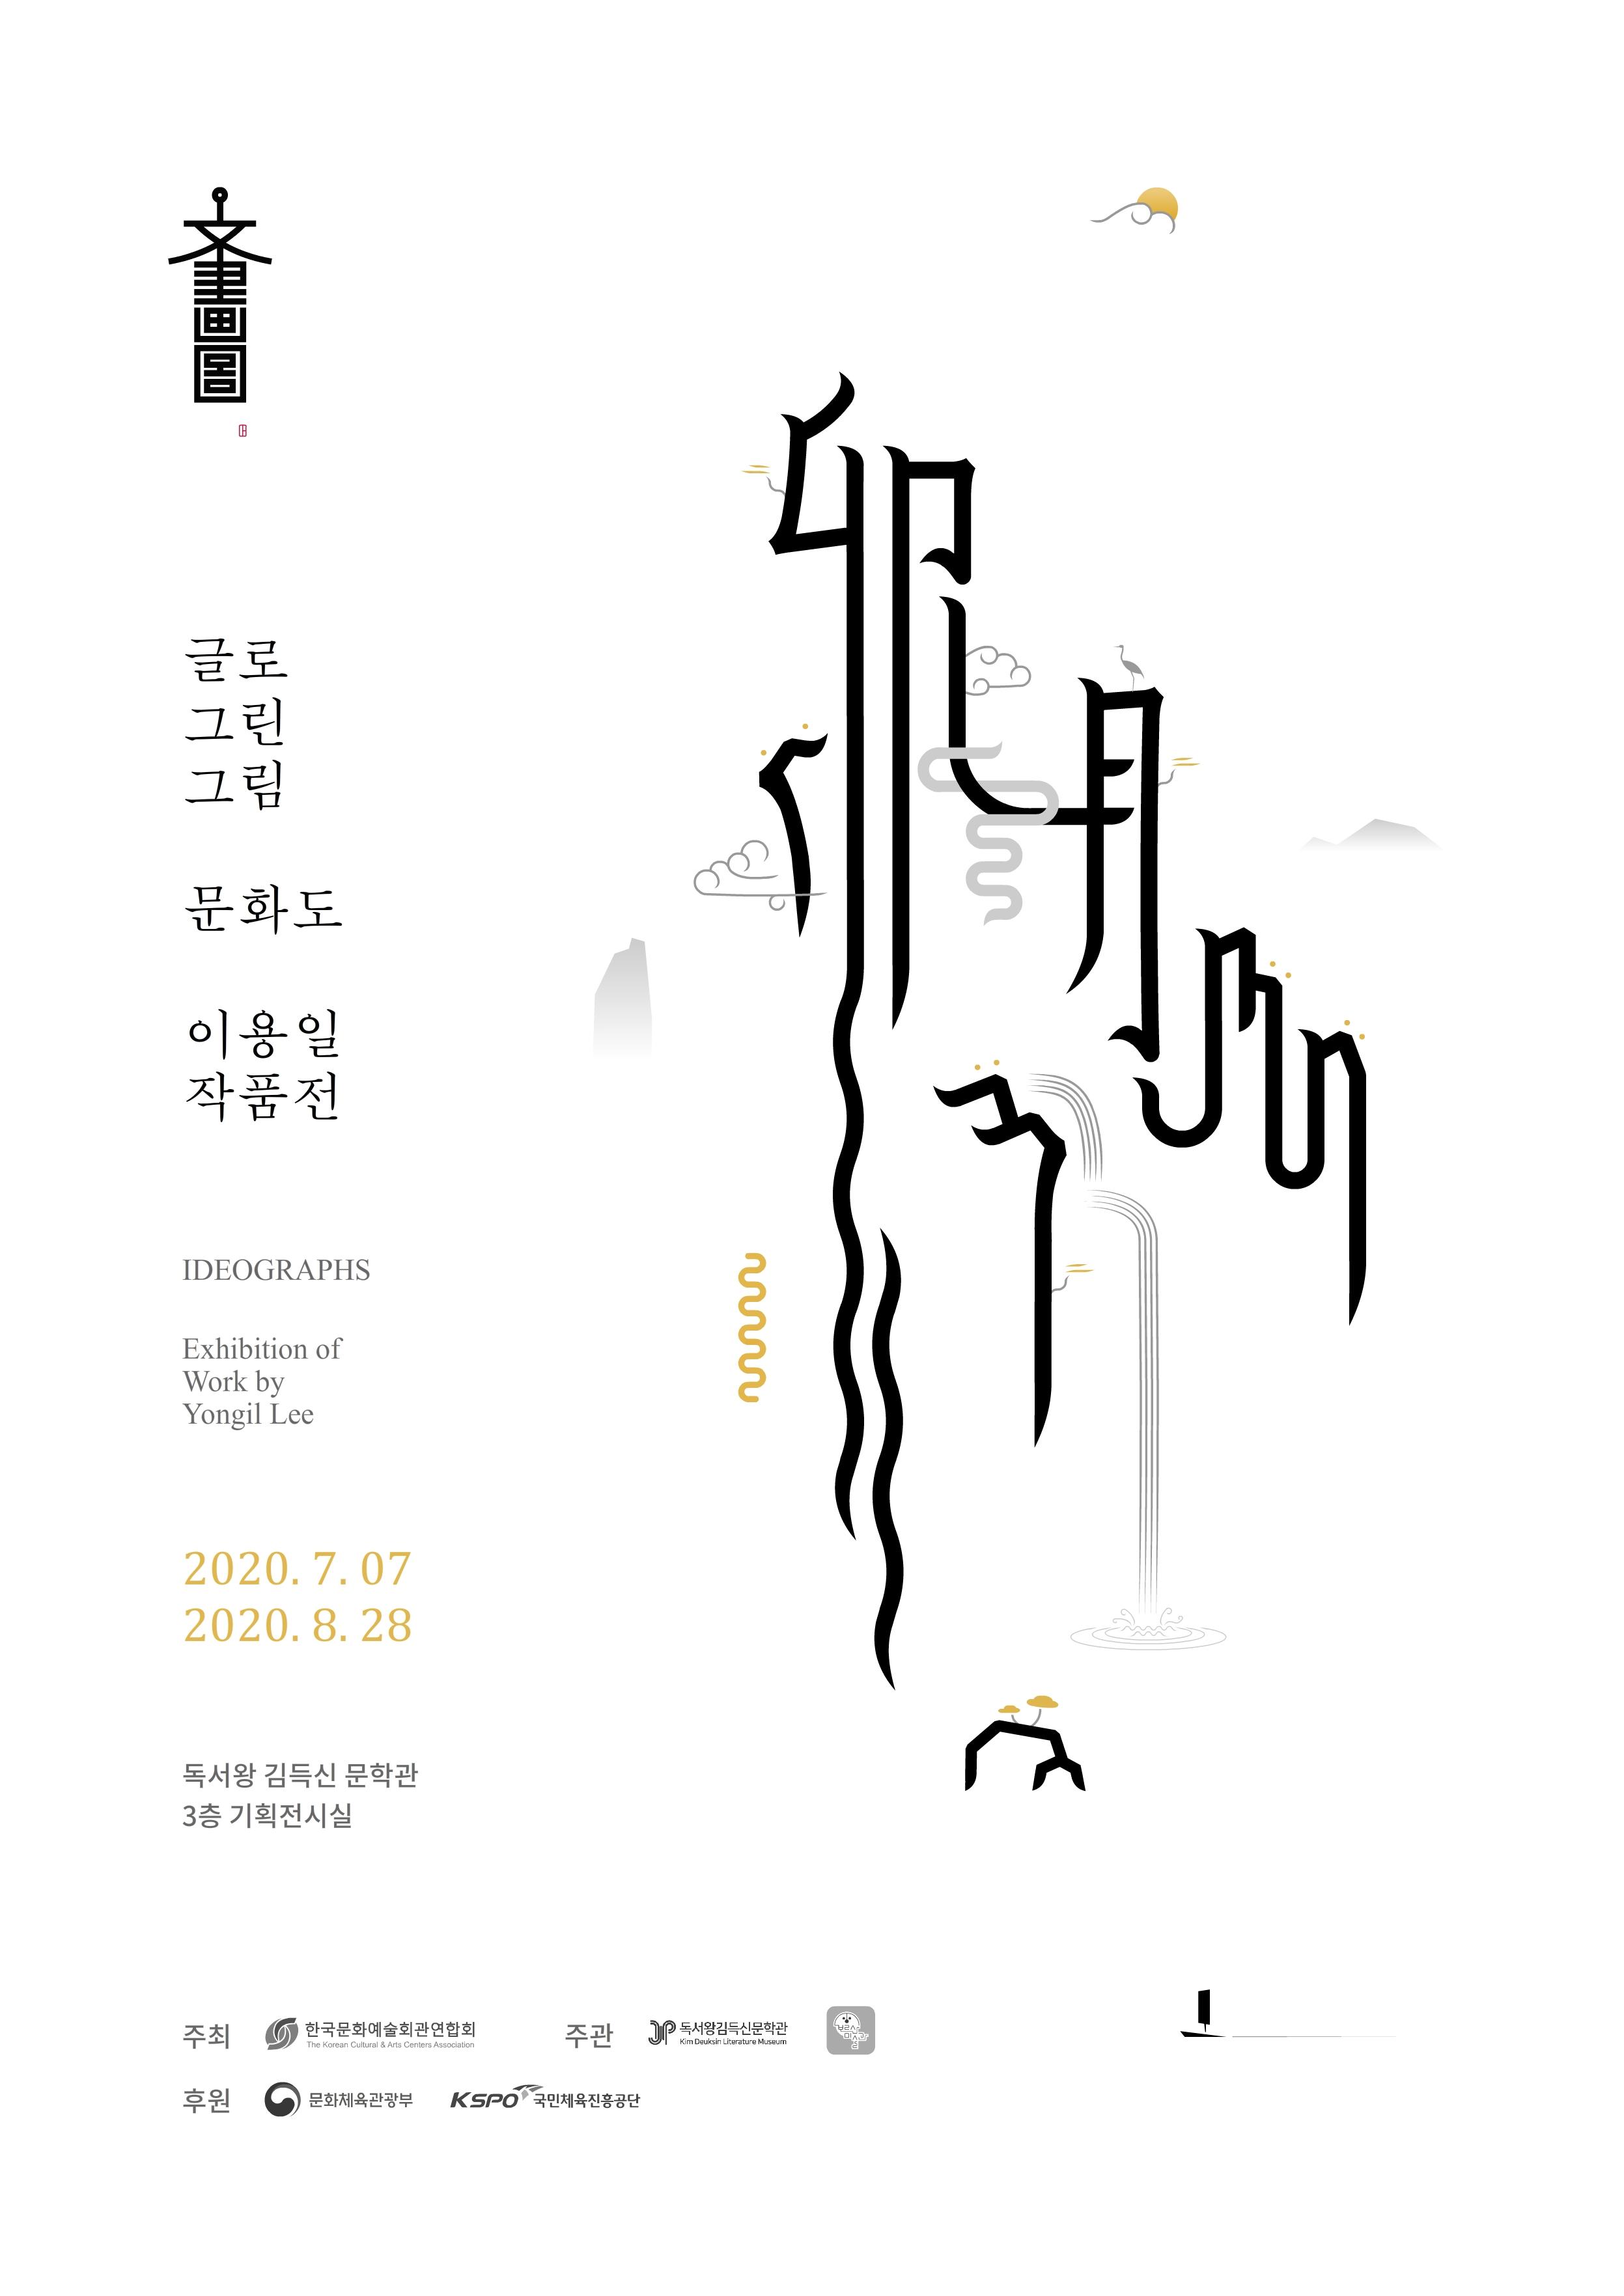 독서왕김득신문학관, 제3회 기획전시전 개최 [이미지]